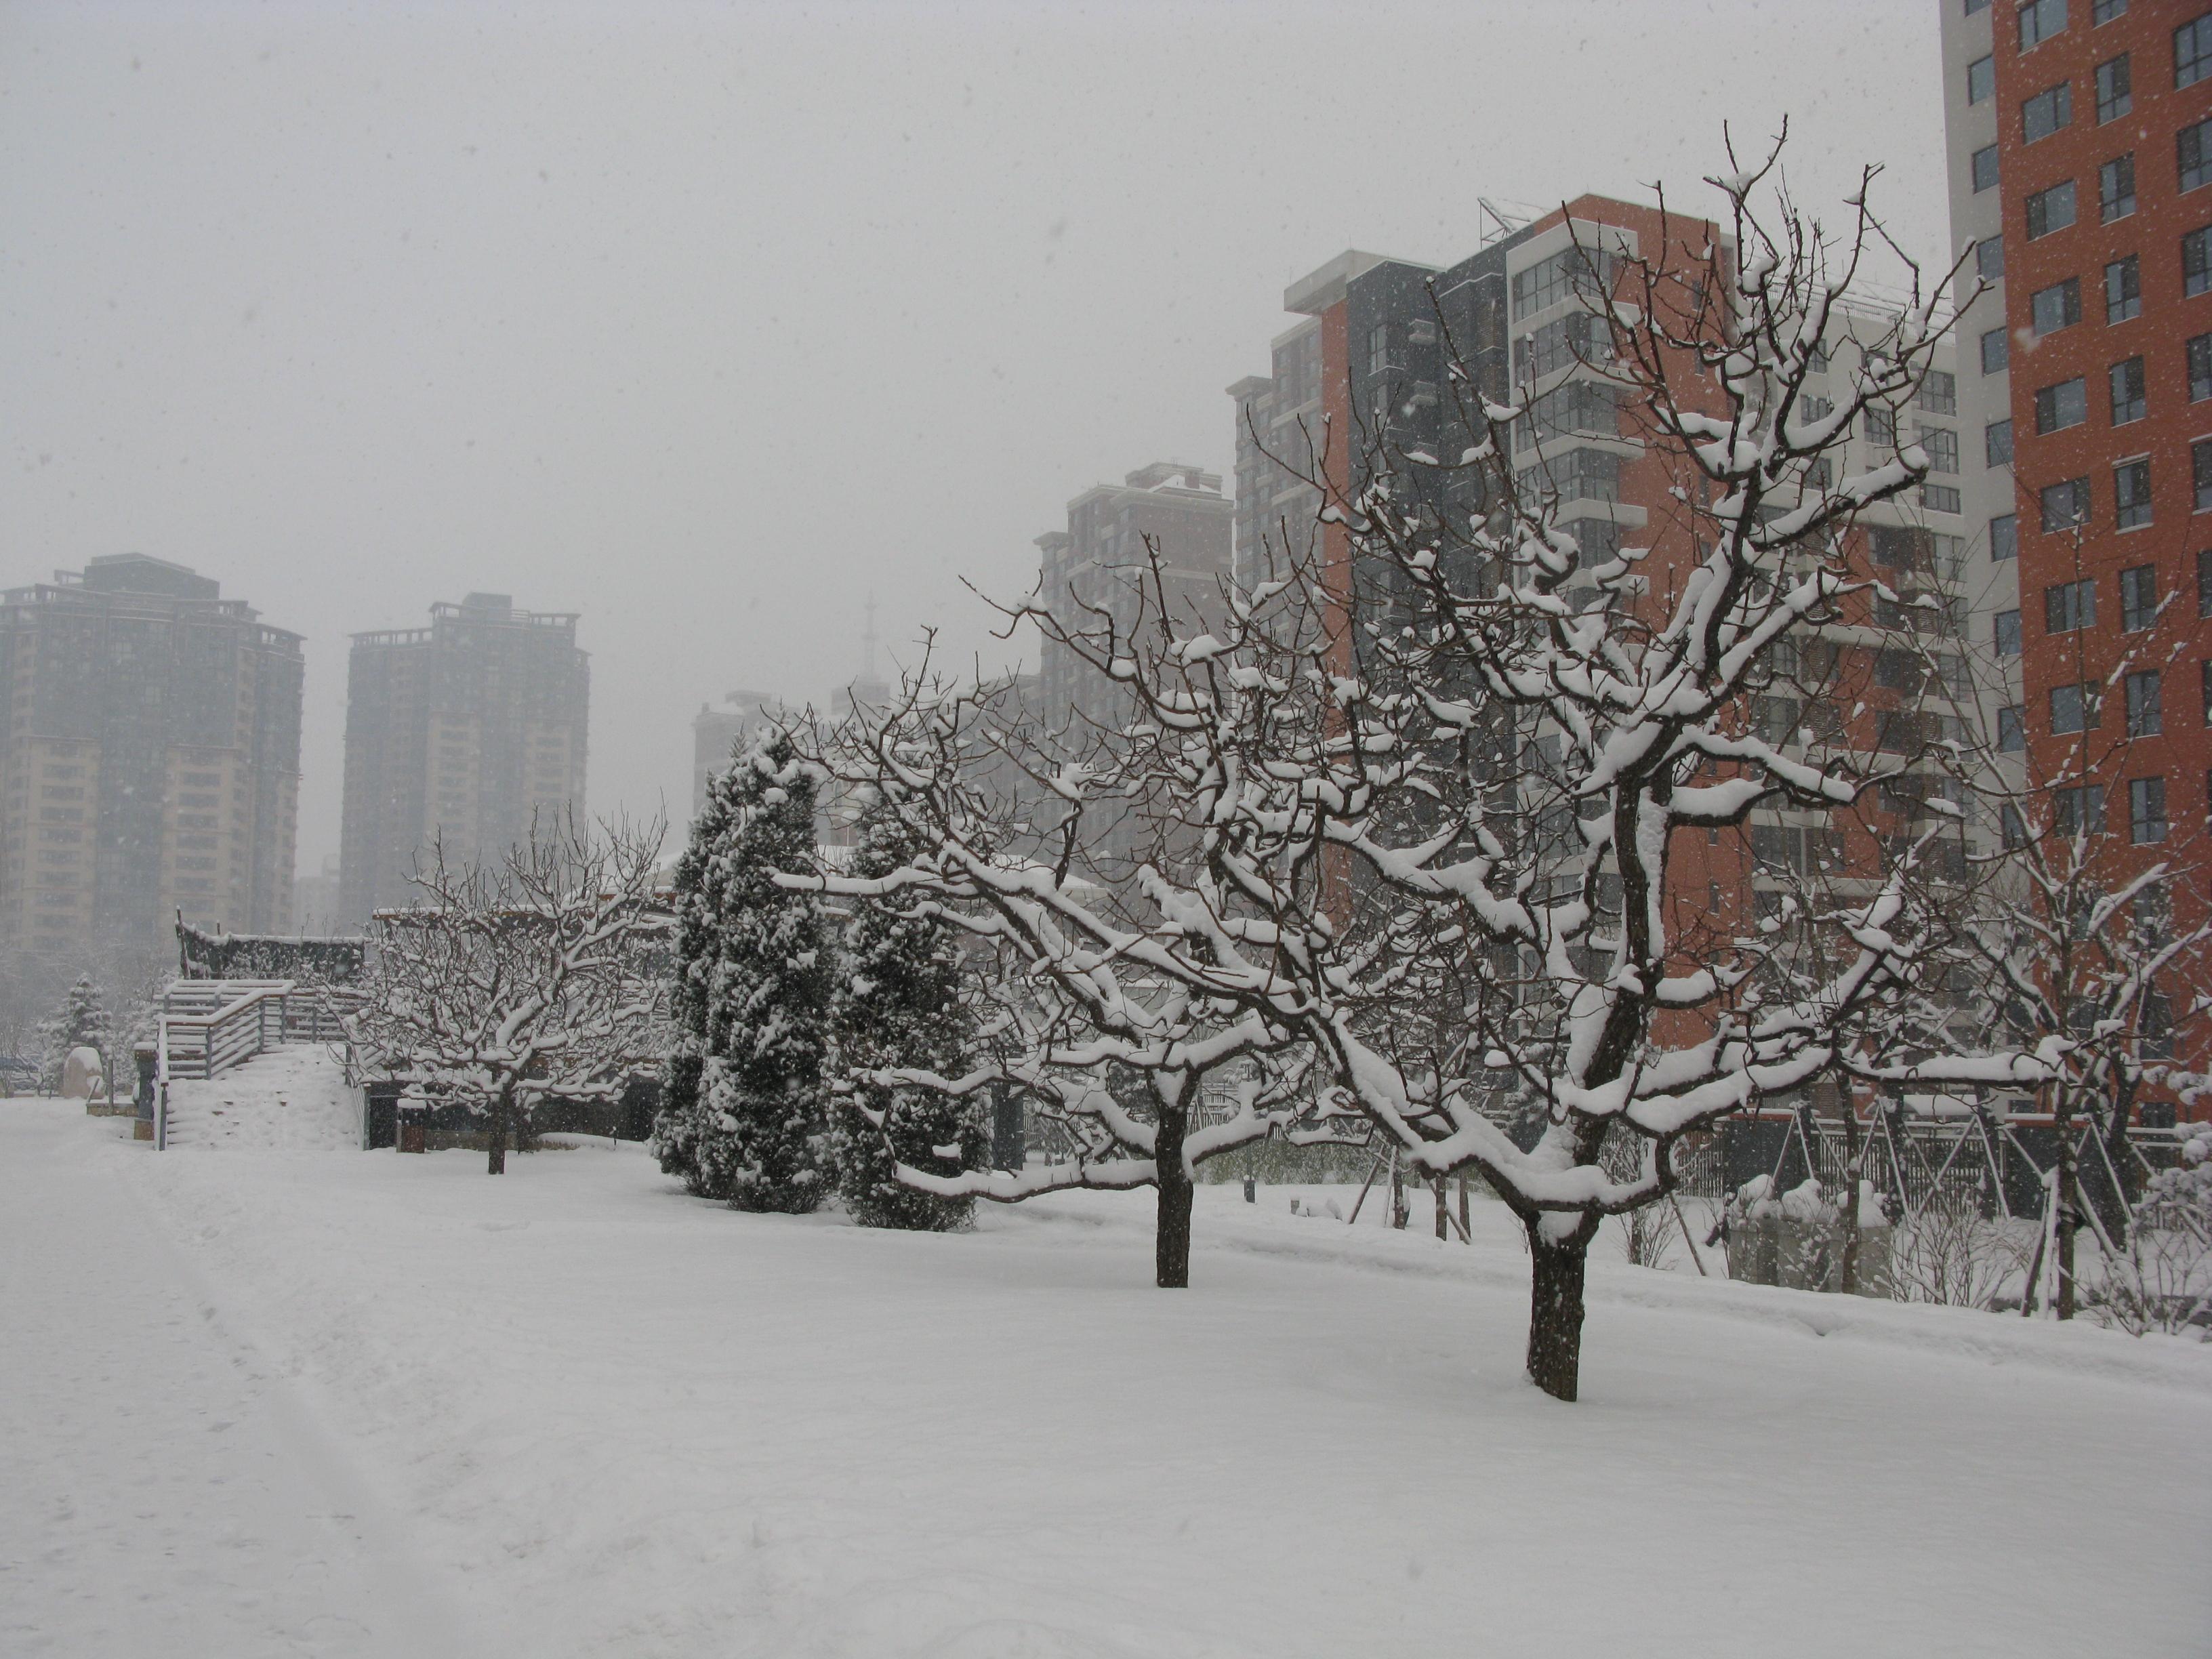 很久没有见到这么大的雪了